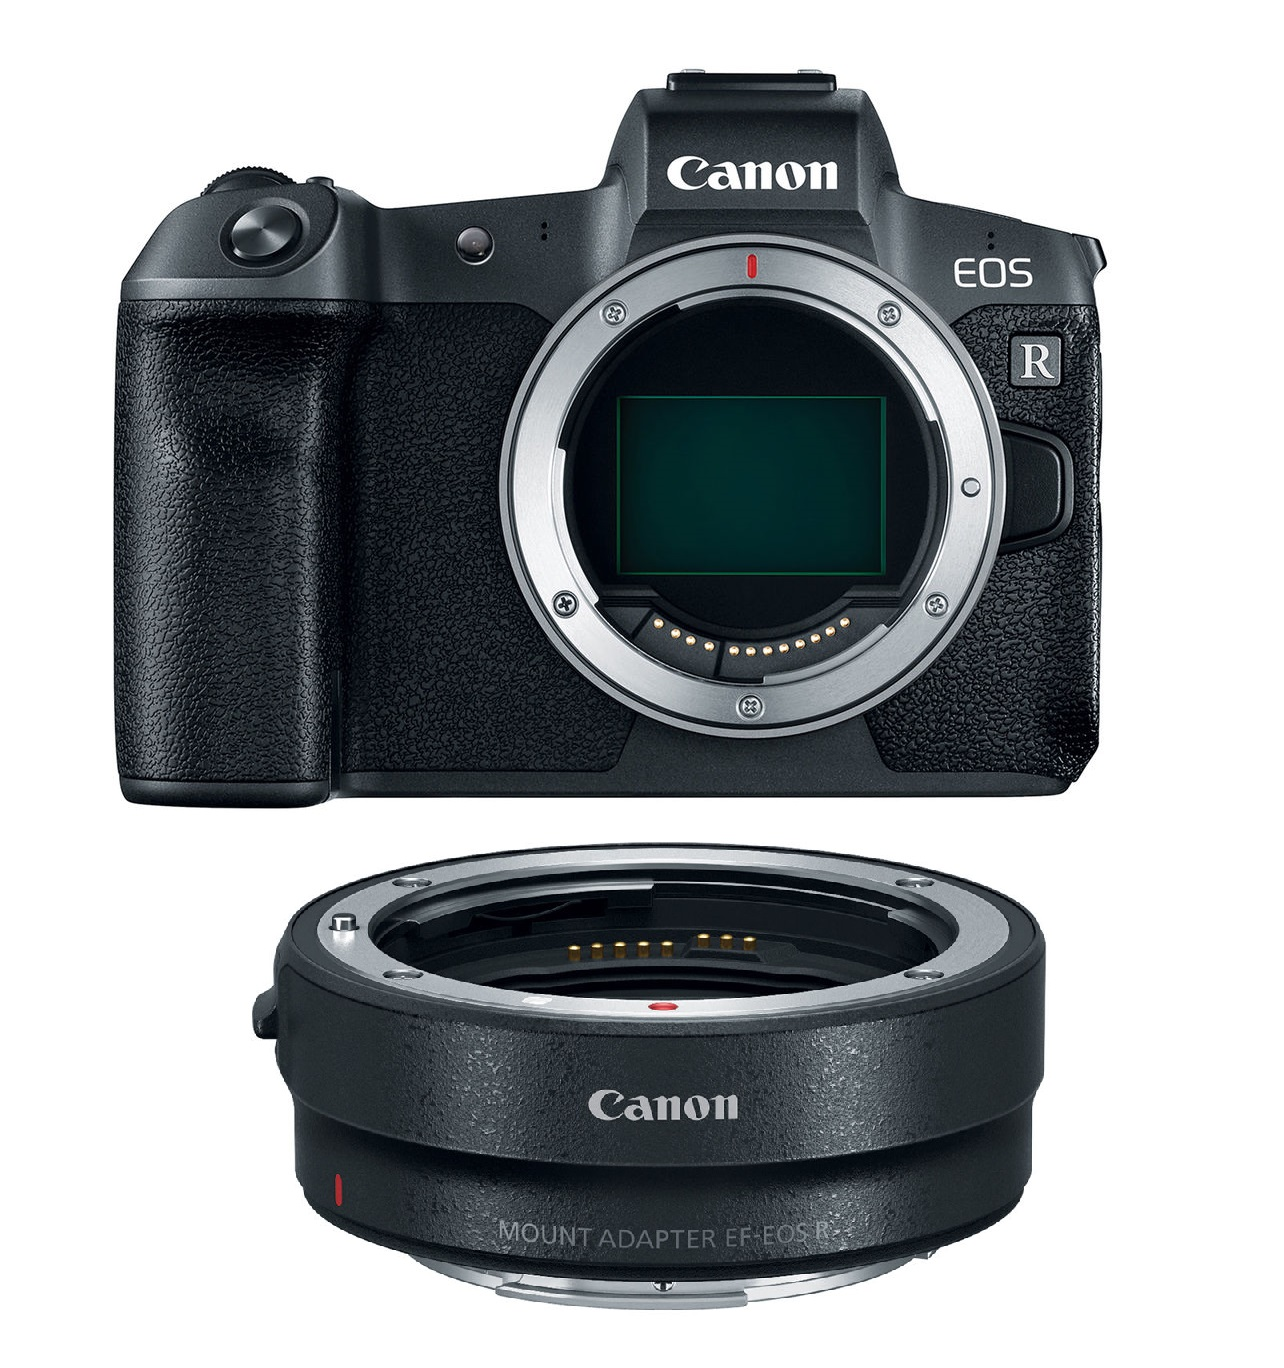 сейчас знакомые лучшие компактные фотоаппараты заменяющие зеркалку помпой, дворце, по-царски